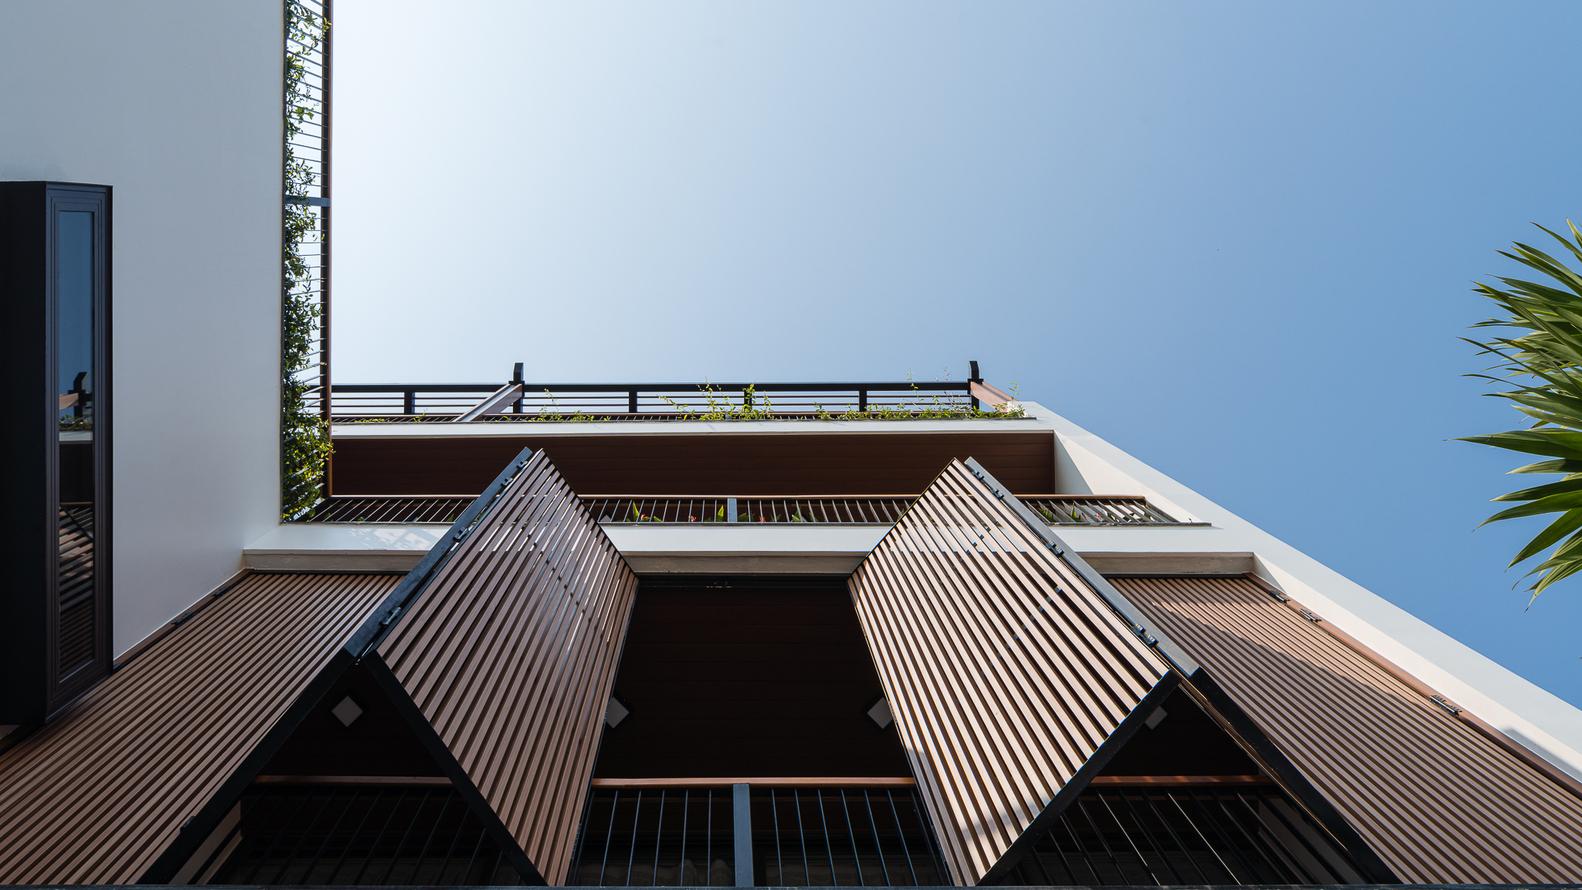 Hệ lam chắn nắng cho ngôi nhà, góc chụp từ dưới lên